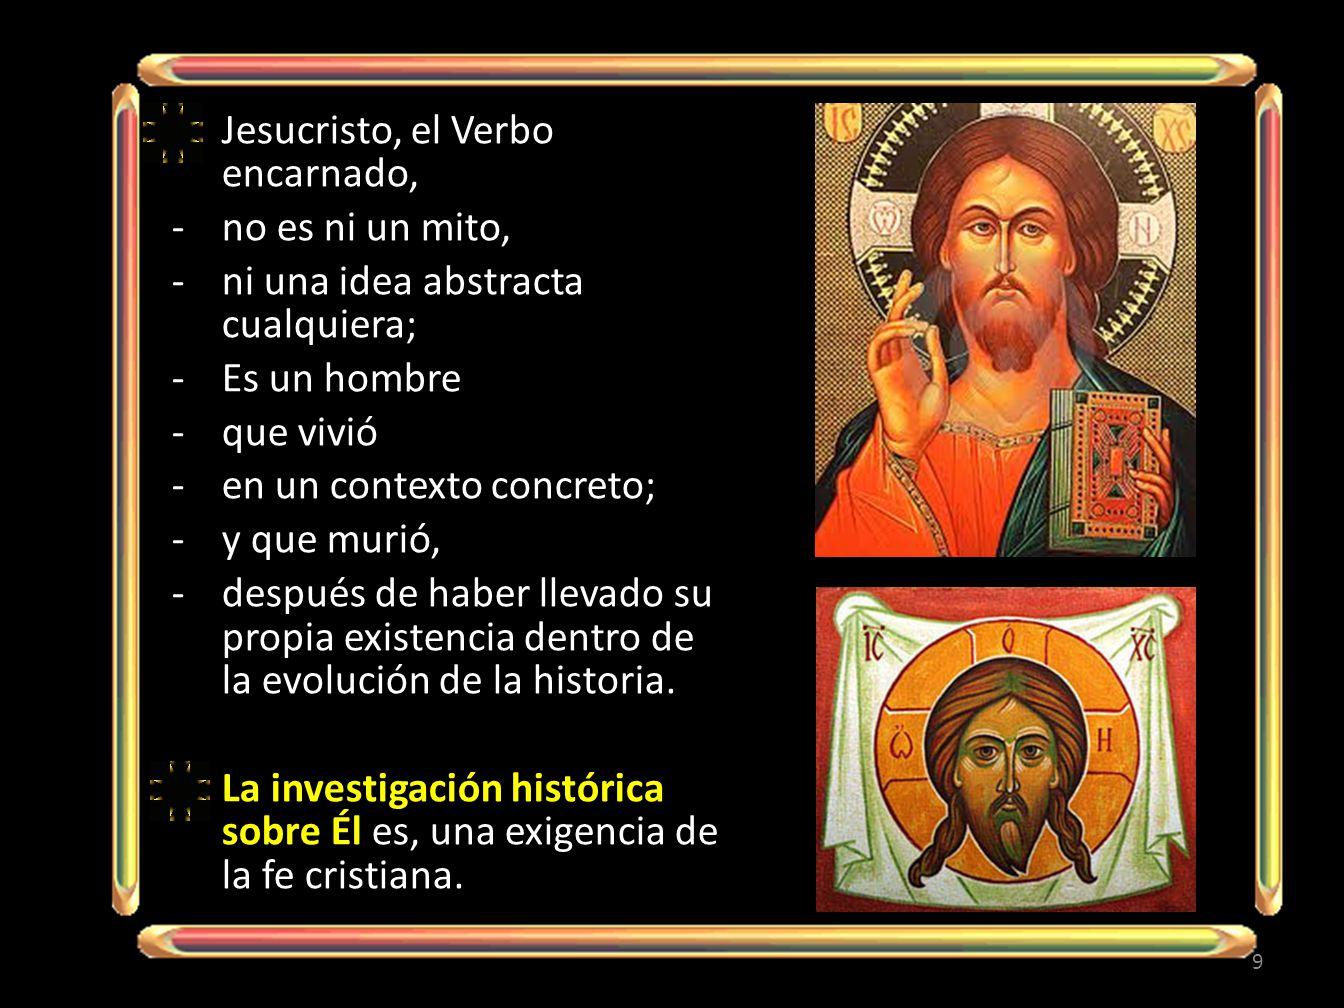 Jesucristo, el Verbo encarnado,